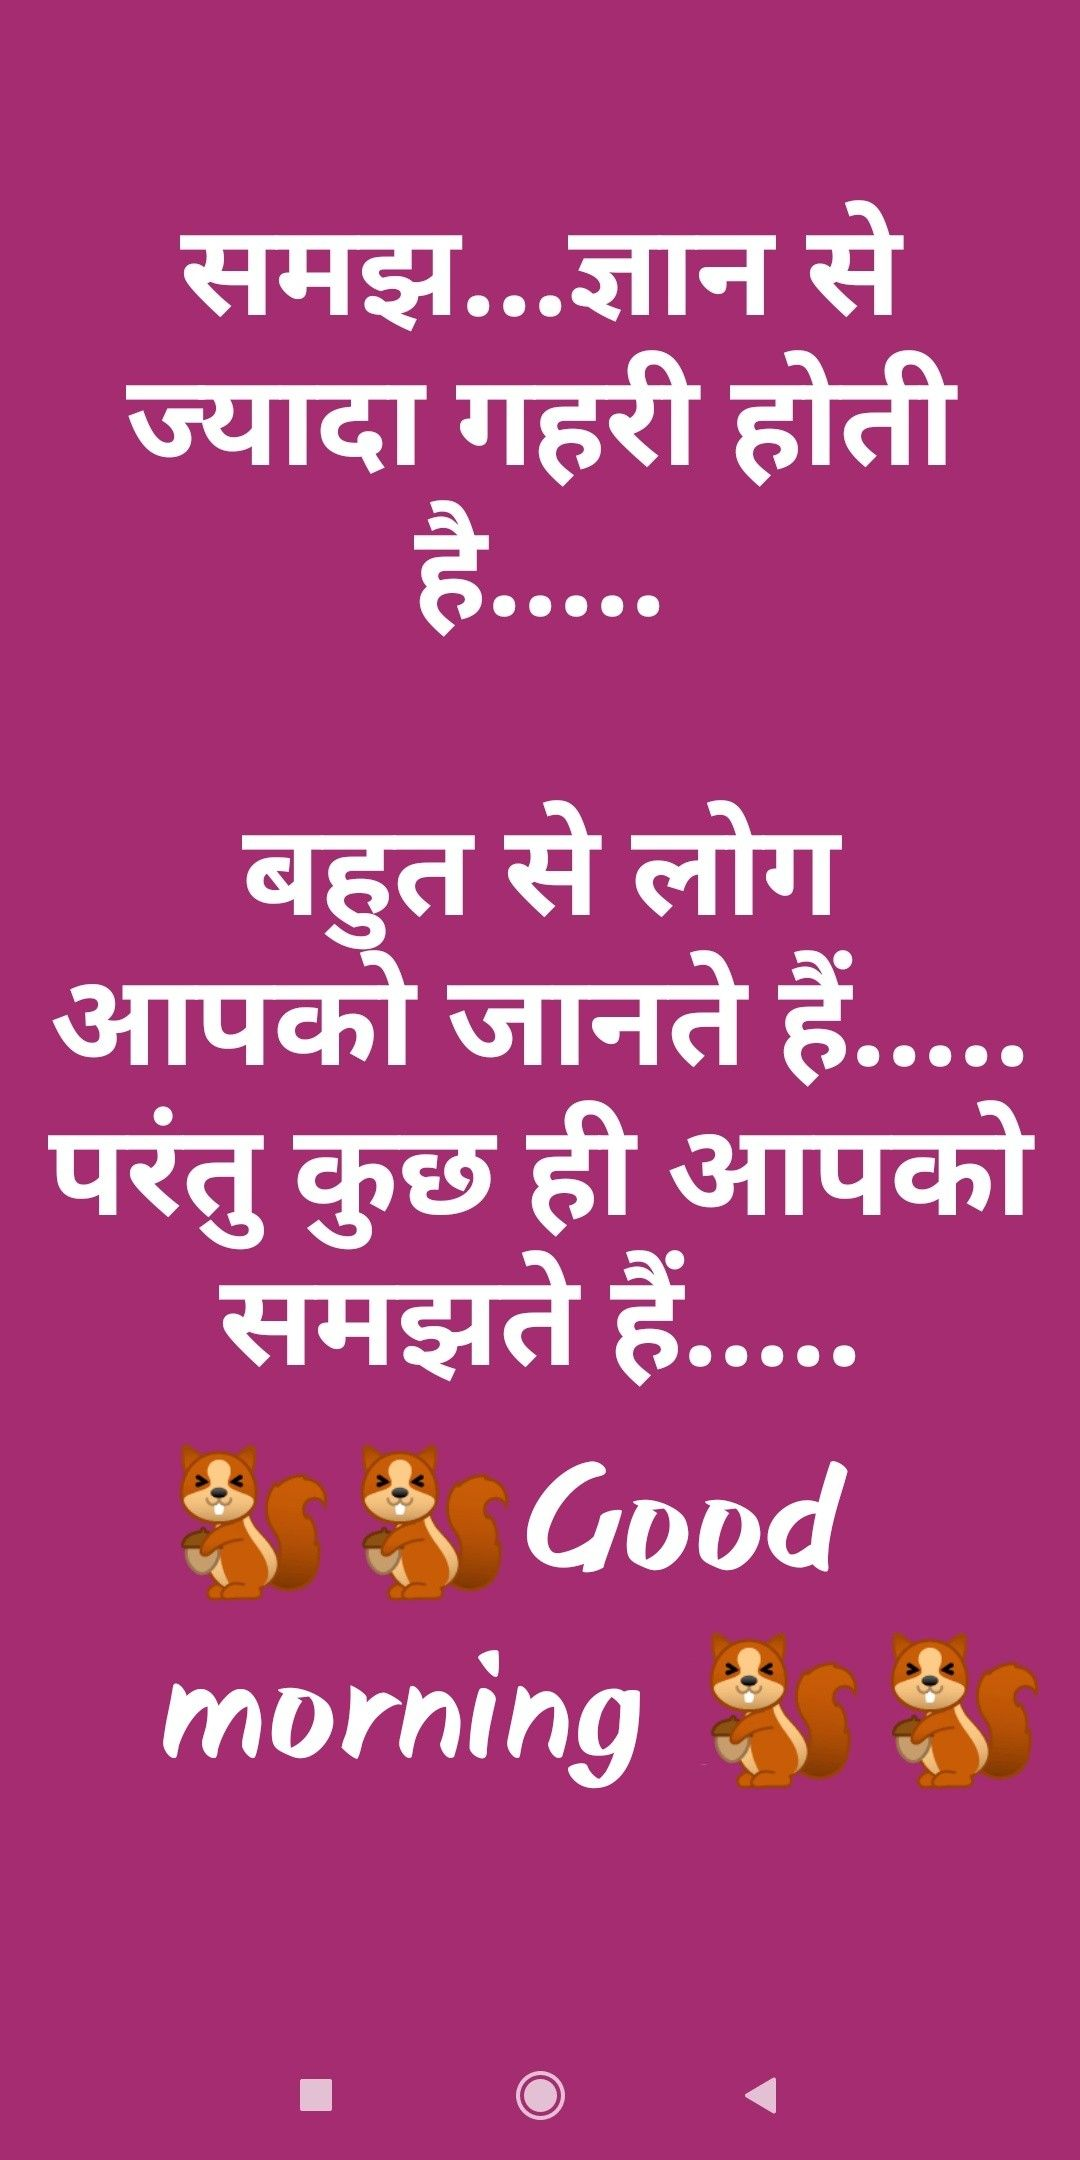 Pin by 🐿SHARMA🐿 on GOOD MORNING SHARMA | Hindi good